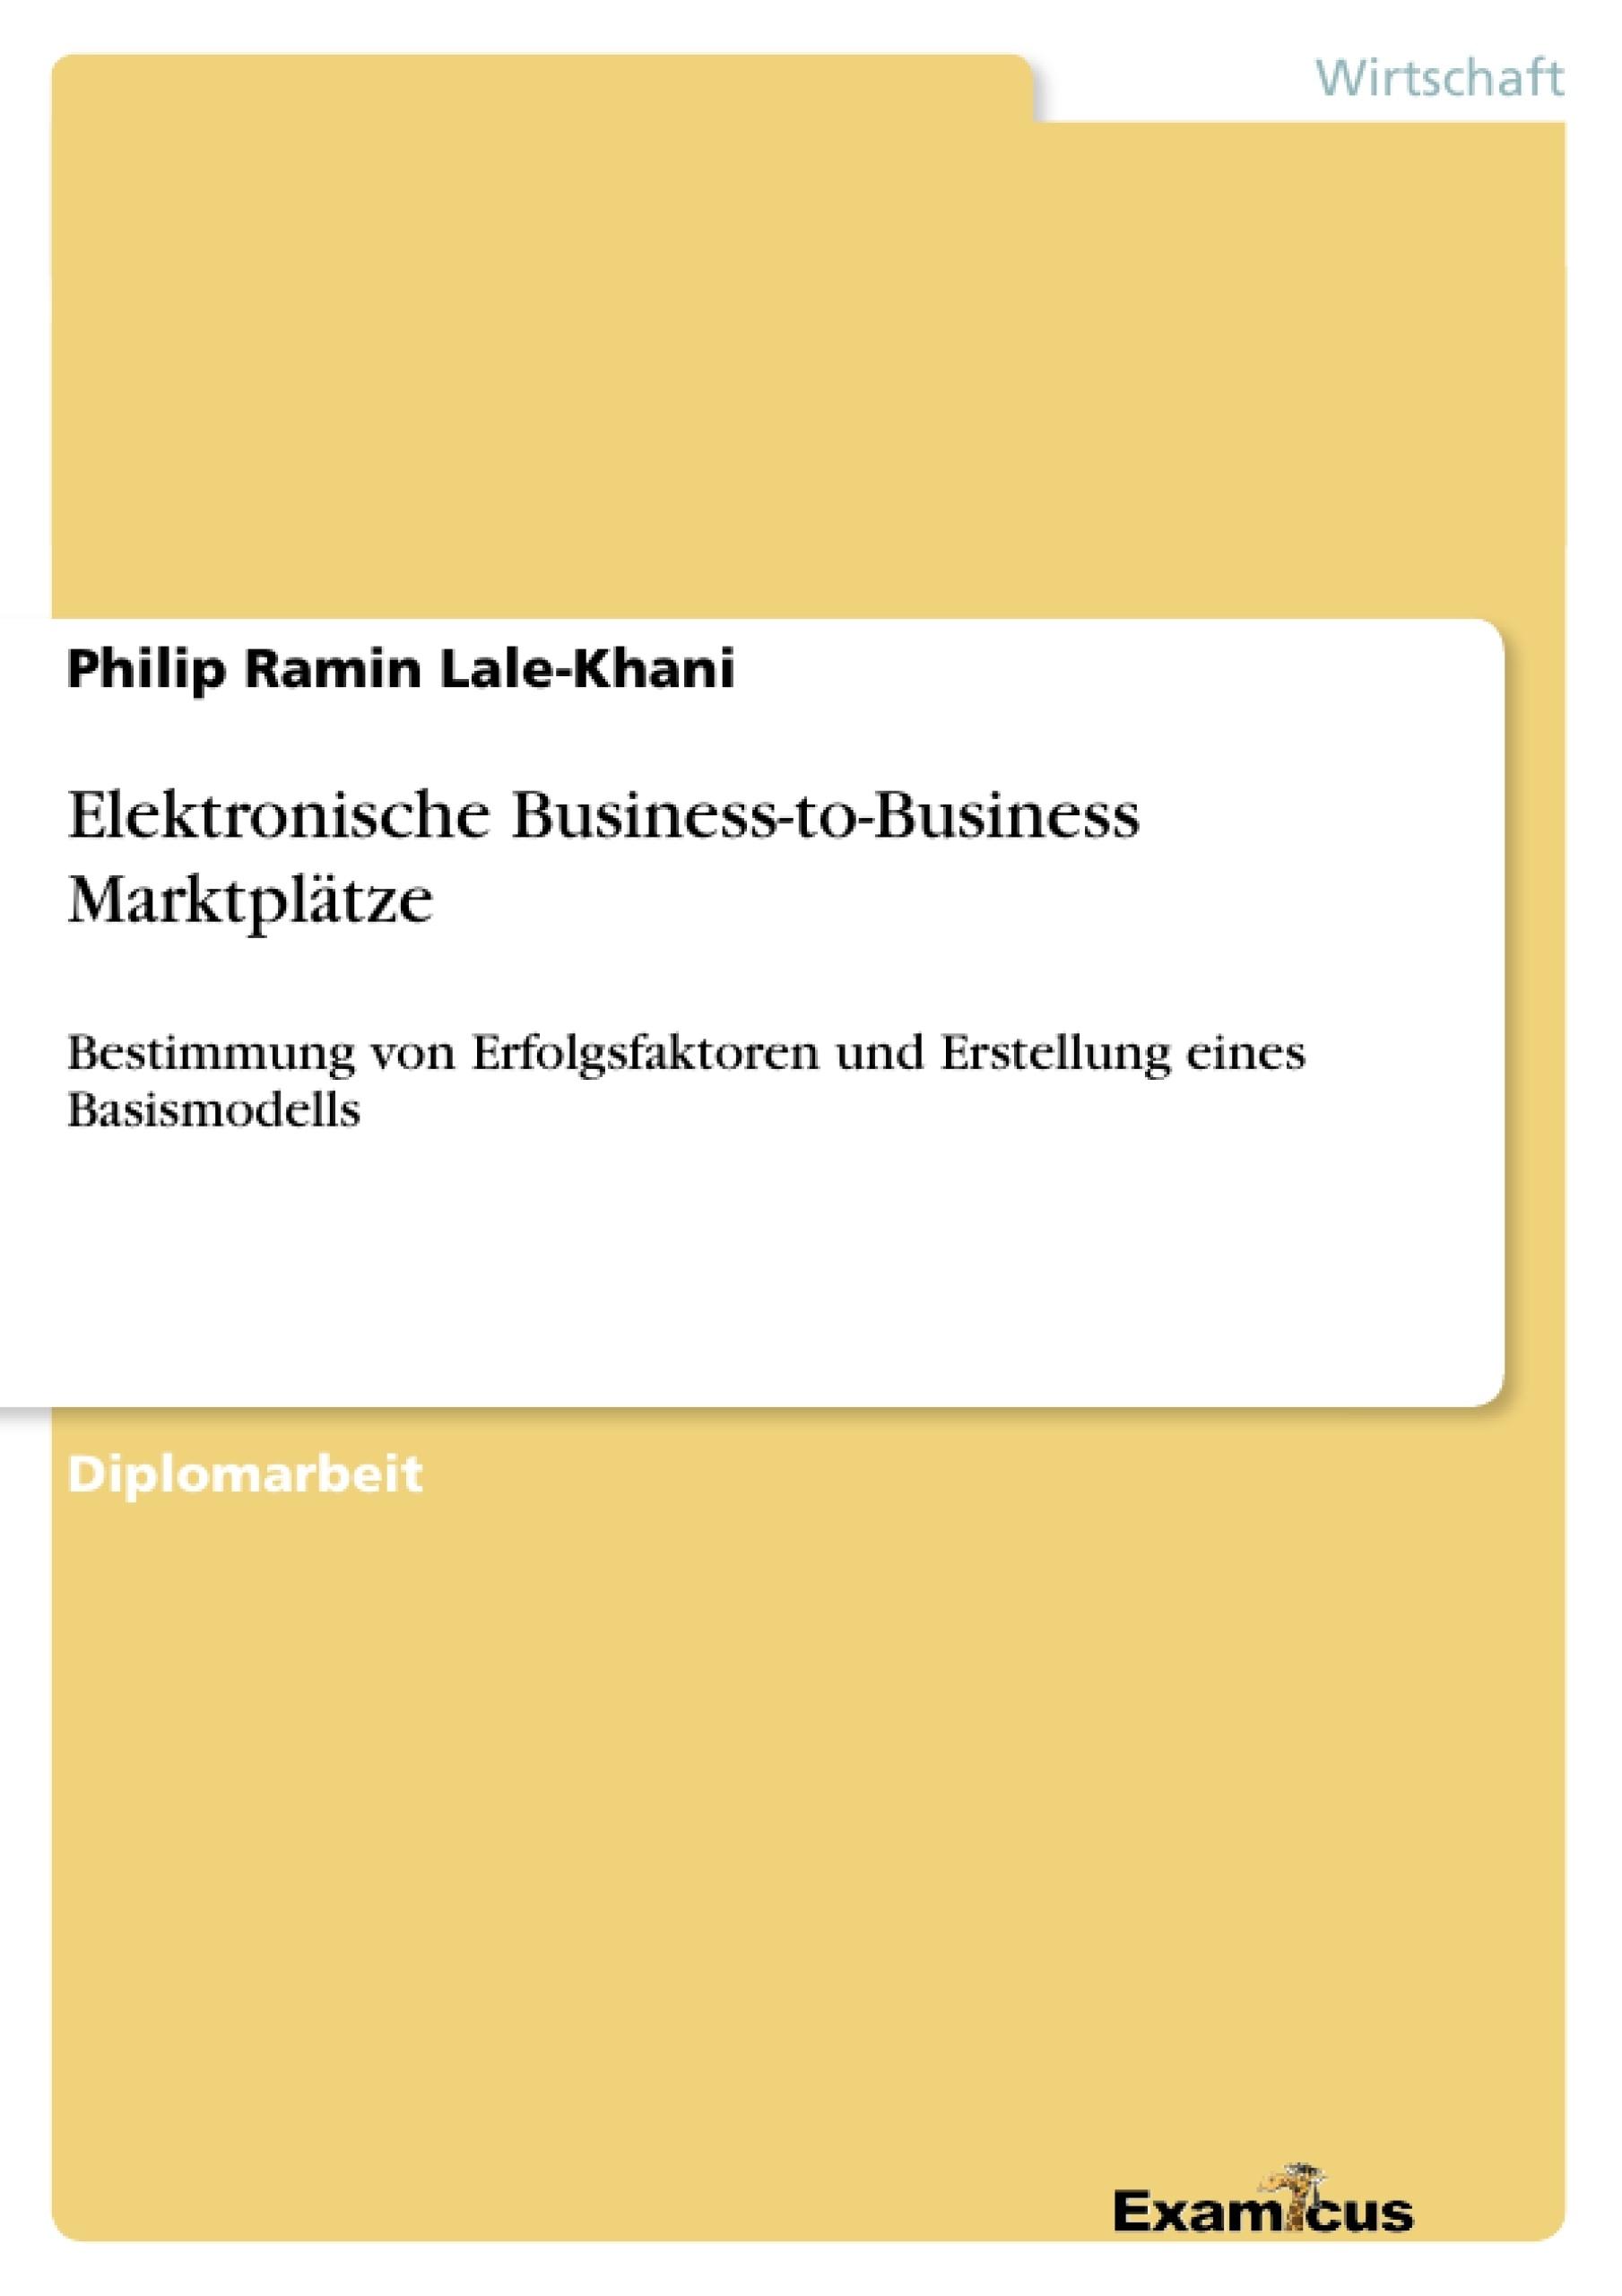 Titel: Elektronische Business-to-Business Marktplätze